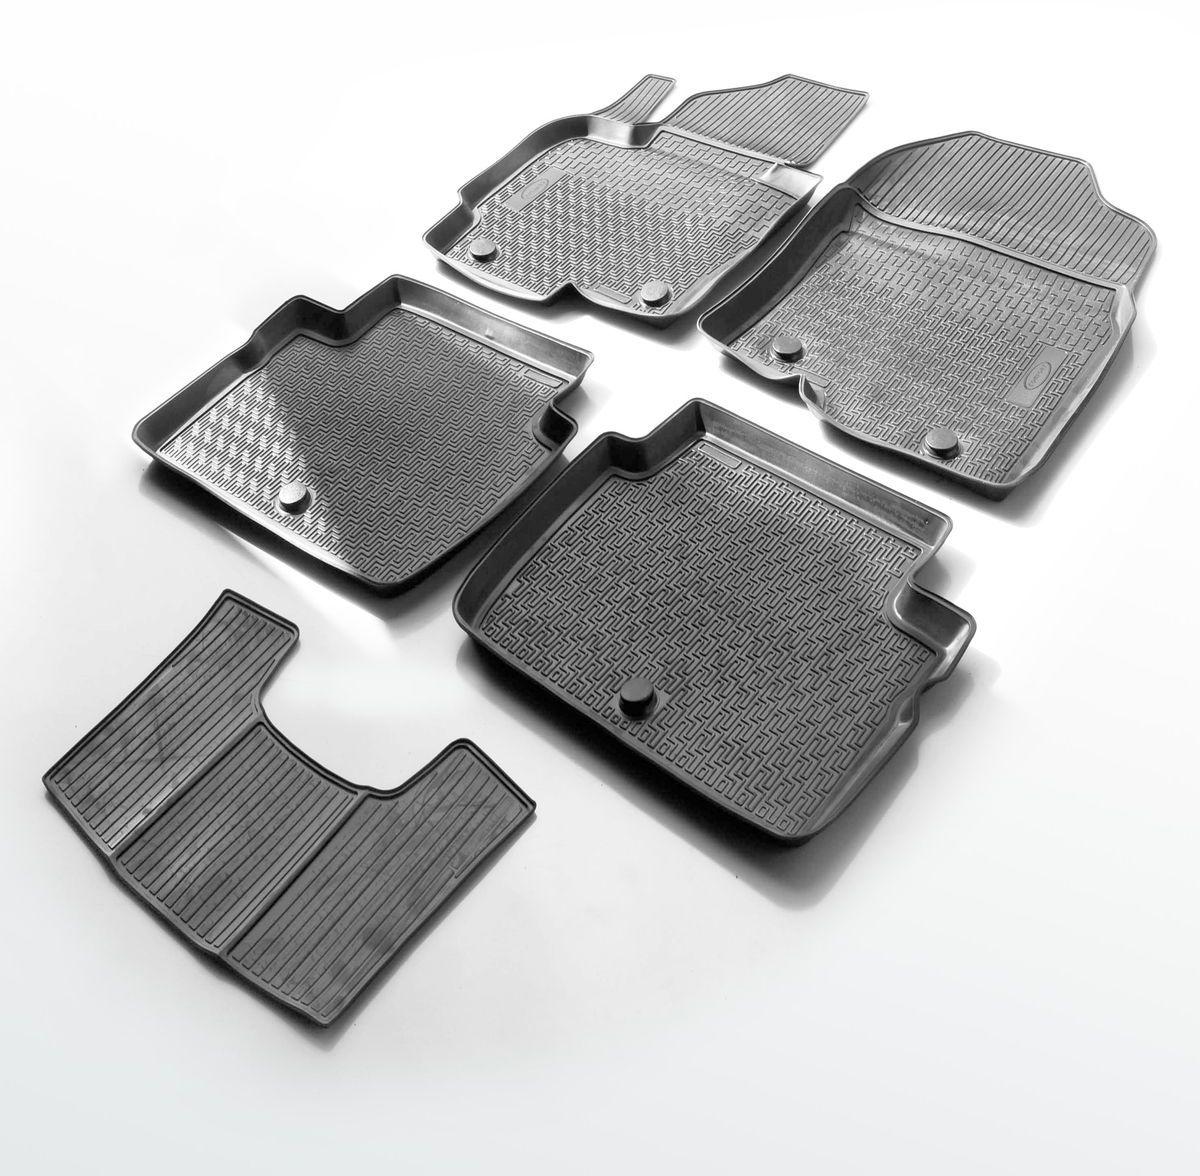 Коврики салона Rival для Kia Sportage 2016-, c перемычкой, полиуретан54 009318Прочные и долговечные коврики Rival в салон автомобиля, изготовлены из высококачественного и экологичного сырья. Коврики полностью повторяют геометрию салона вашего автомобиля.- Надежная система крепления, позволяющая закрепить коврик на штатные элементы фиксации, в результате чего отсутствует эффект скольжения по салону автомобиля.- Высокая стойкость поверхности к стиранию.- Специализированный рисунок и высокий борт, препятствующие распространению грязи и жидкости по поверхности коврика.- Перемычка задних ковриков в комплекте предотвращает загрязнение тоннеля карданного вала.- Коврики произведены из первичных материалов, в результате чего отсутствует неприятный запах в салоне автомобиля.- Высокая эластичность, можно беспрепятственно эксплуатировать при температуре от -45°C до +45°C. Уважаемые клиенты! Обращаем ваше внимание, что коврики имеют форму, соответствующую модели данного автомобиля. Фото служит для визуального восприятия товара.